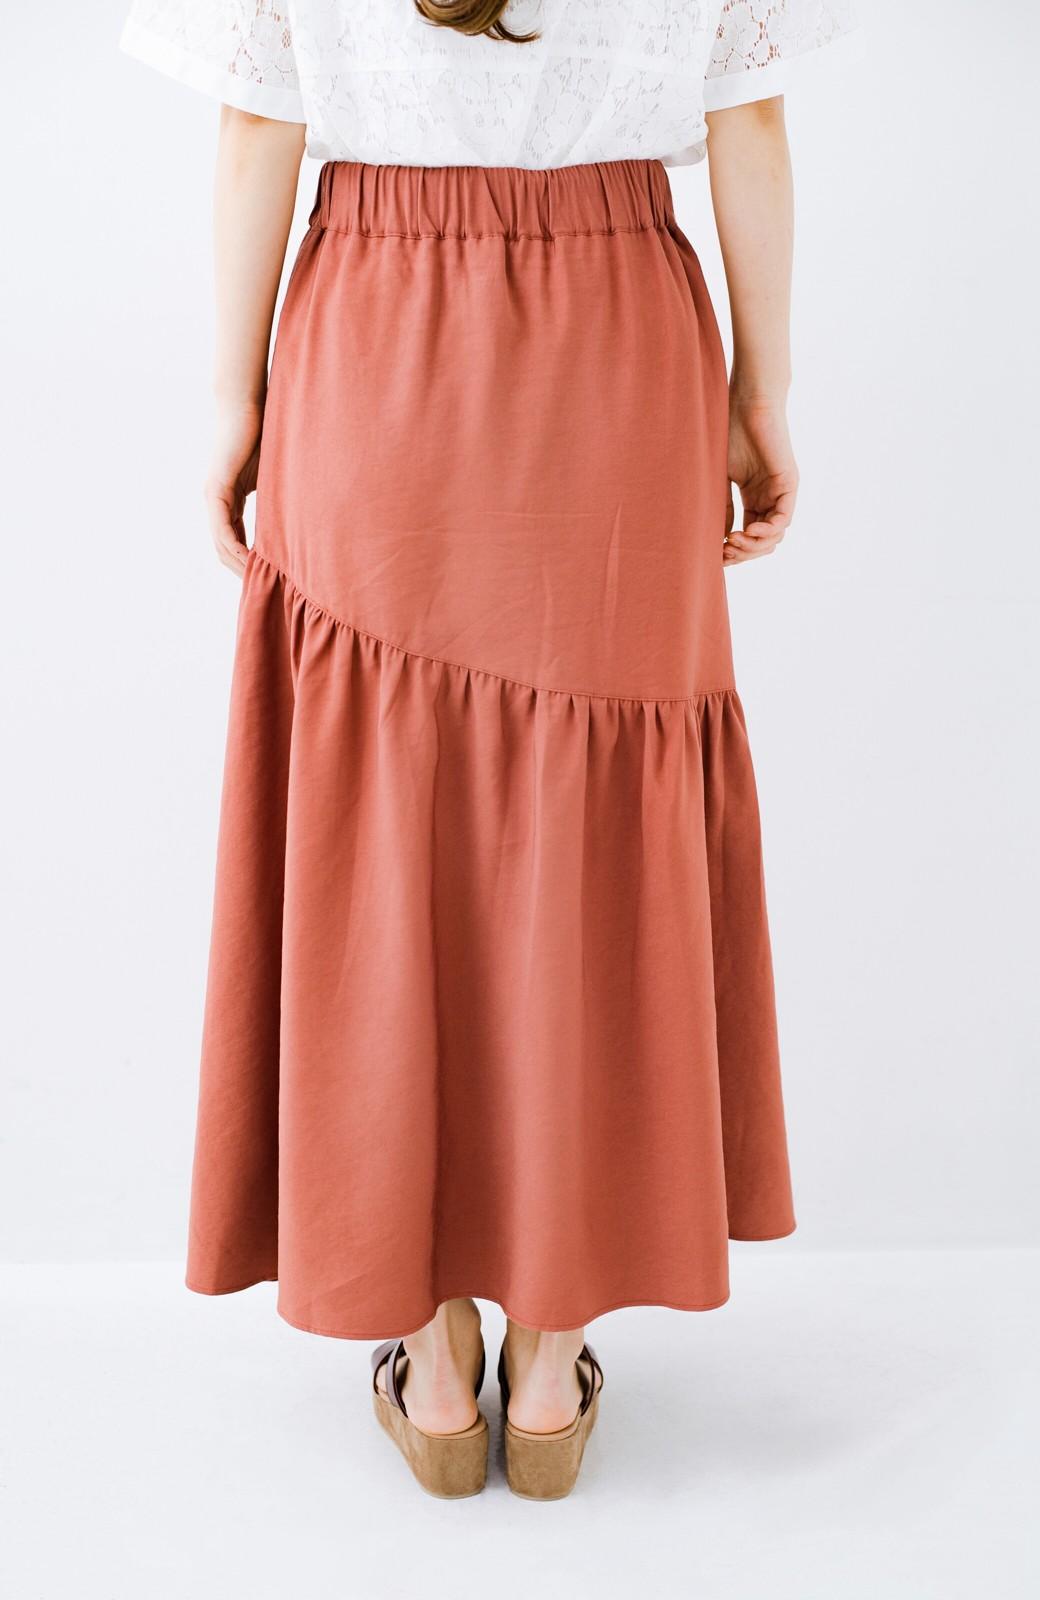 haco! ふんわりシルエットが華やかな大人ギャザースカート <スモークピンク>の商品写真9